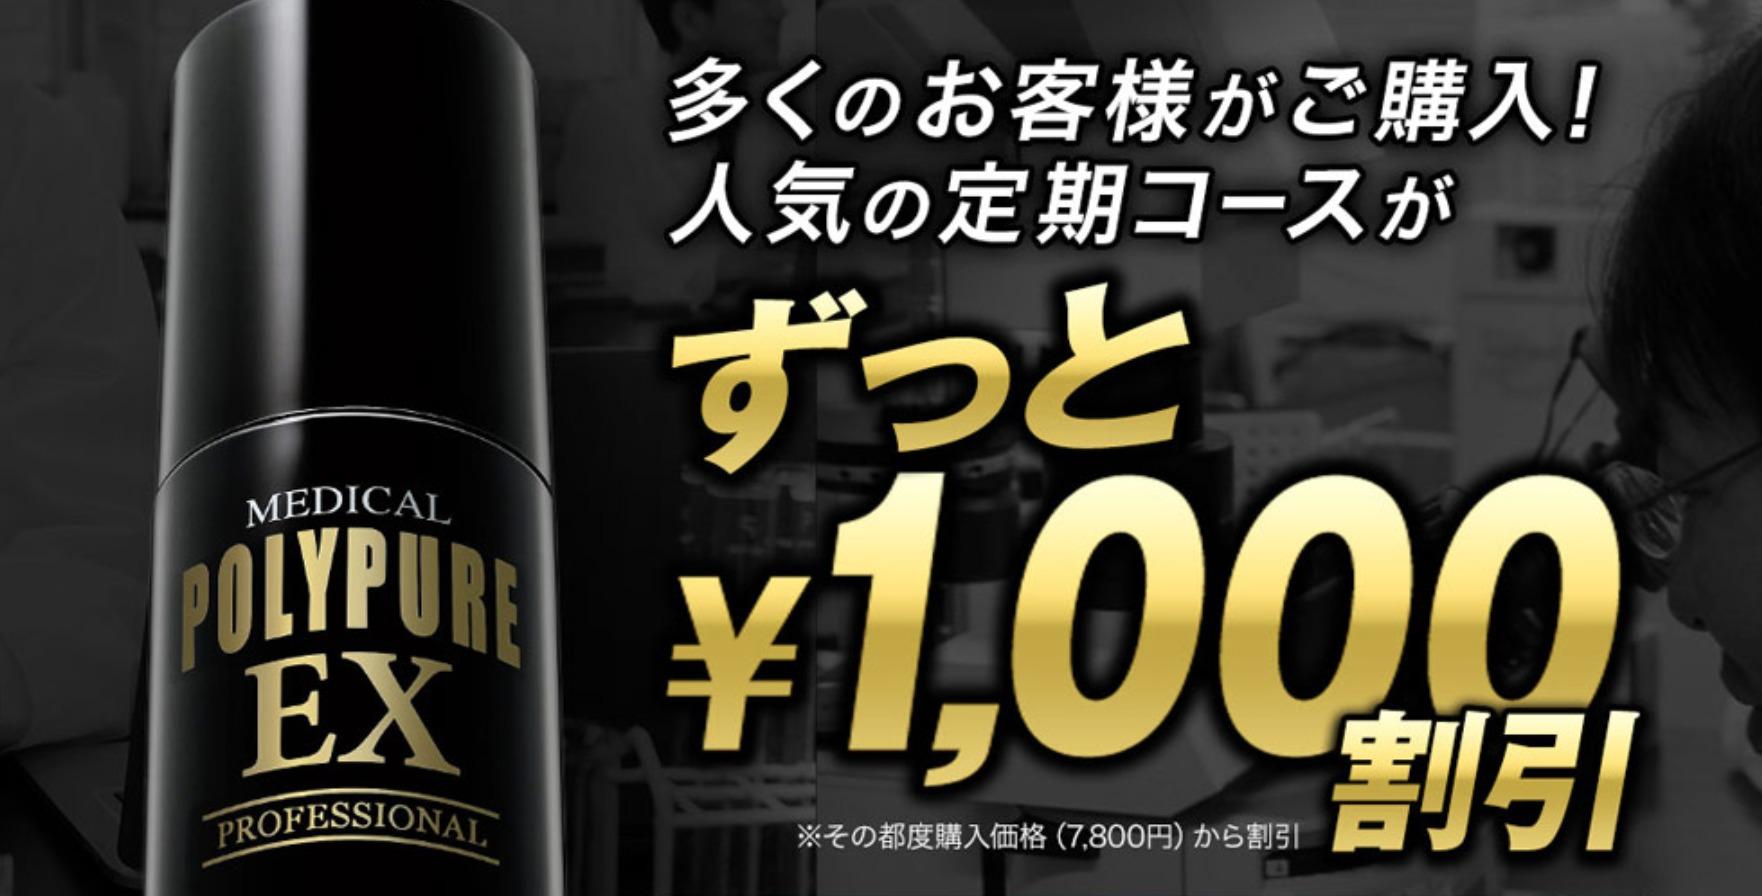 ポリピュアの定期コースなら、ずっと1000円割引